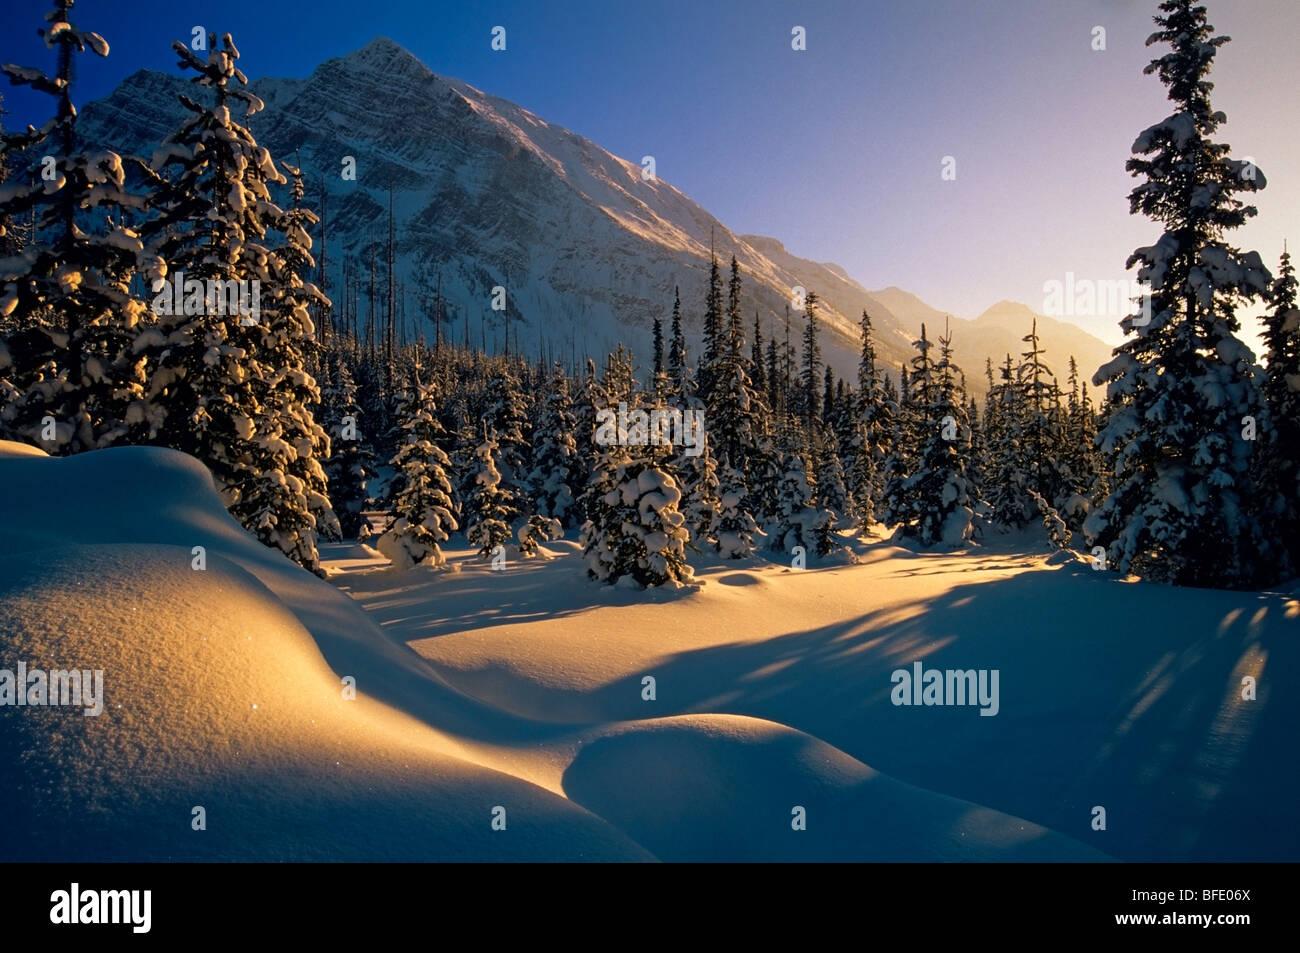 Coucher de soleil sur paysage d'hiver, au lac de la rampe, Banff National Park, Alberta, Canada Photo Stock